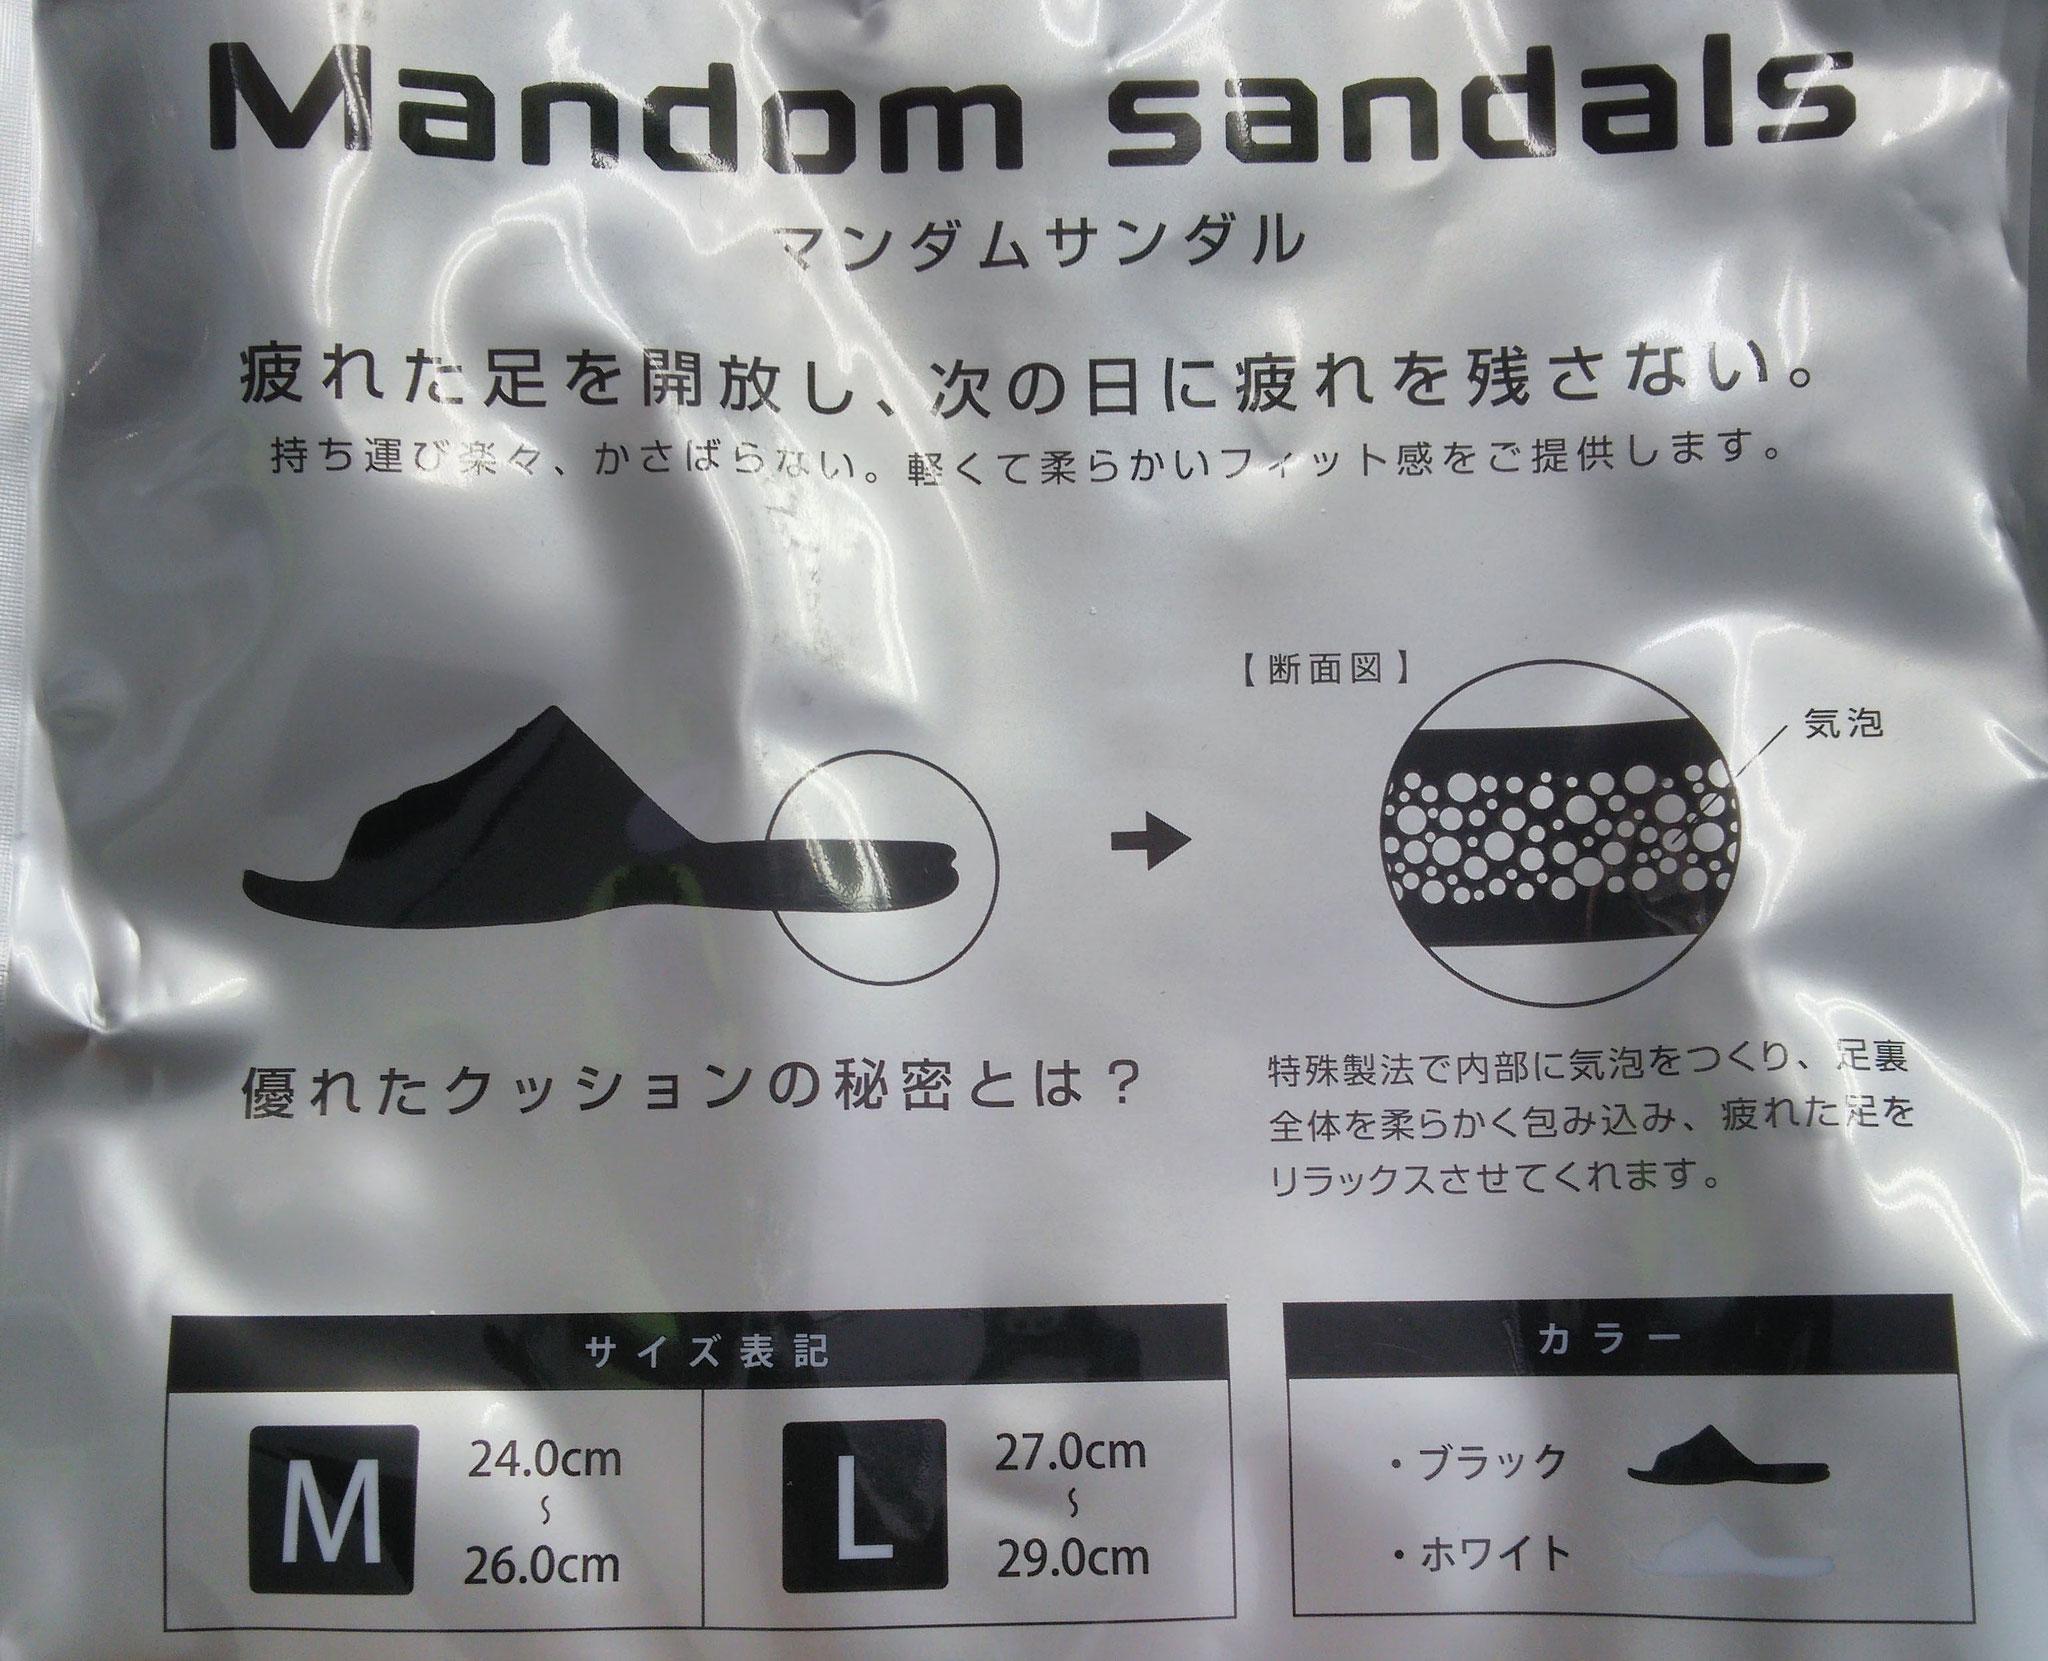 マンダムサンダル#901 優れたクッション性で、足が疲れにくいです。